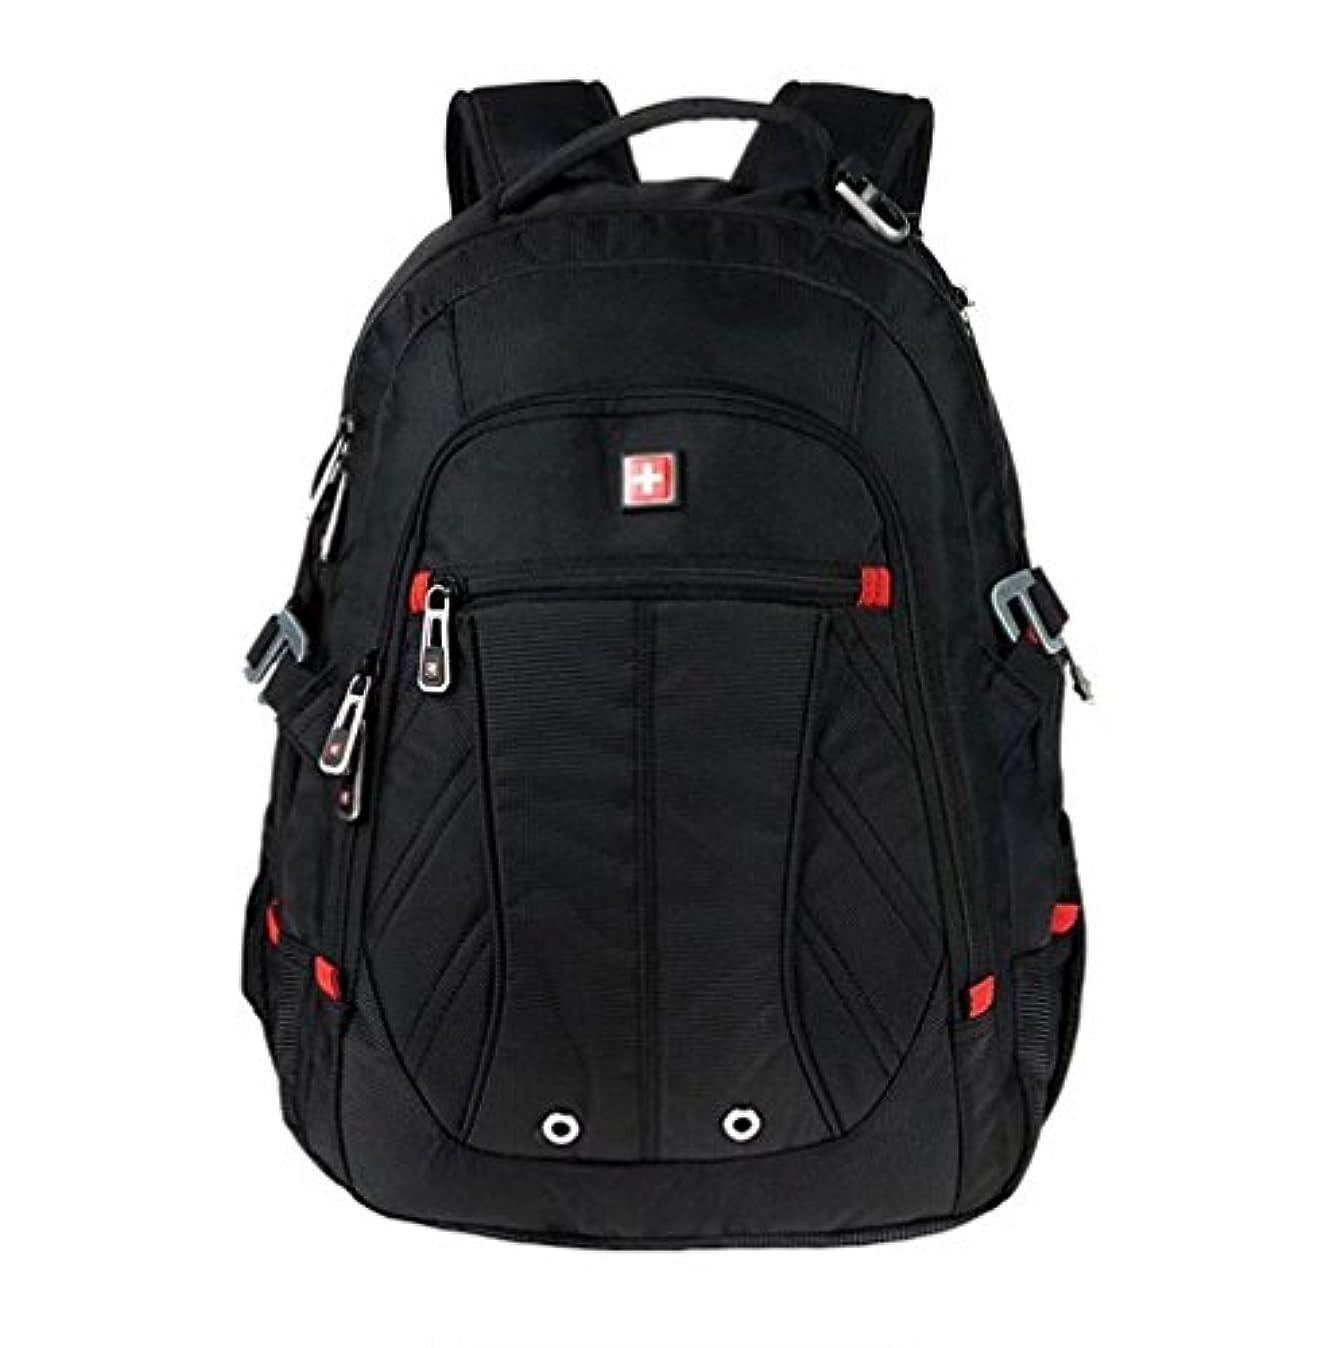 最終シェーバー感染する(スイスウィン)SWISSWIN リュック リュックサック メンズ レディース ノートPC入れ 登山バッグ 旅行バッグ ビジネスバッグ アウトドア sw8110i ブラック